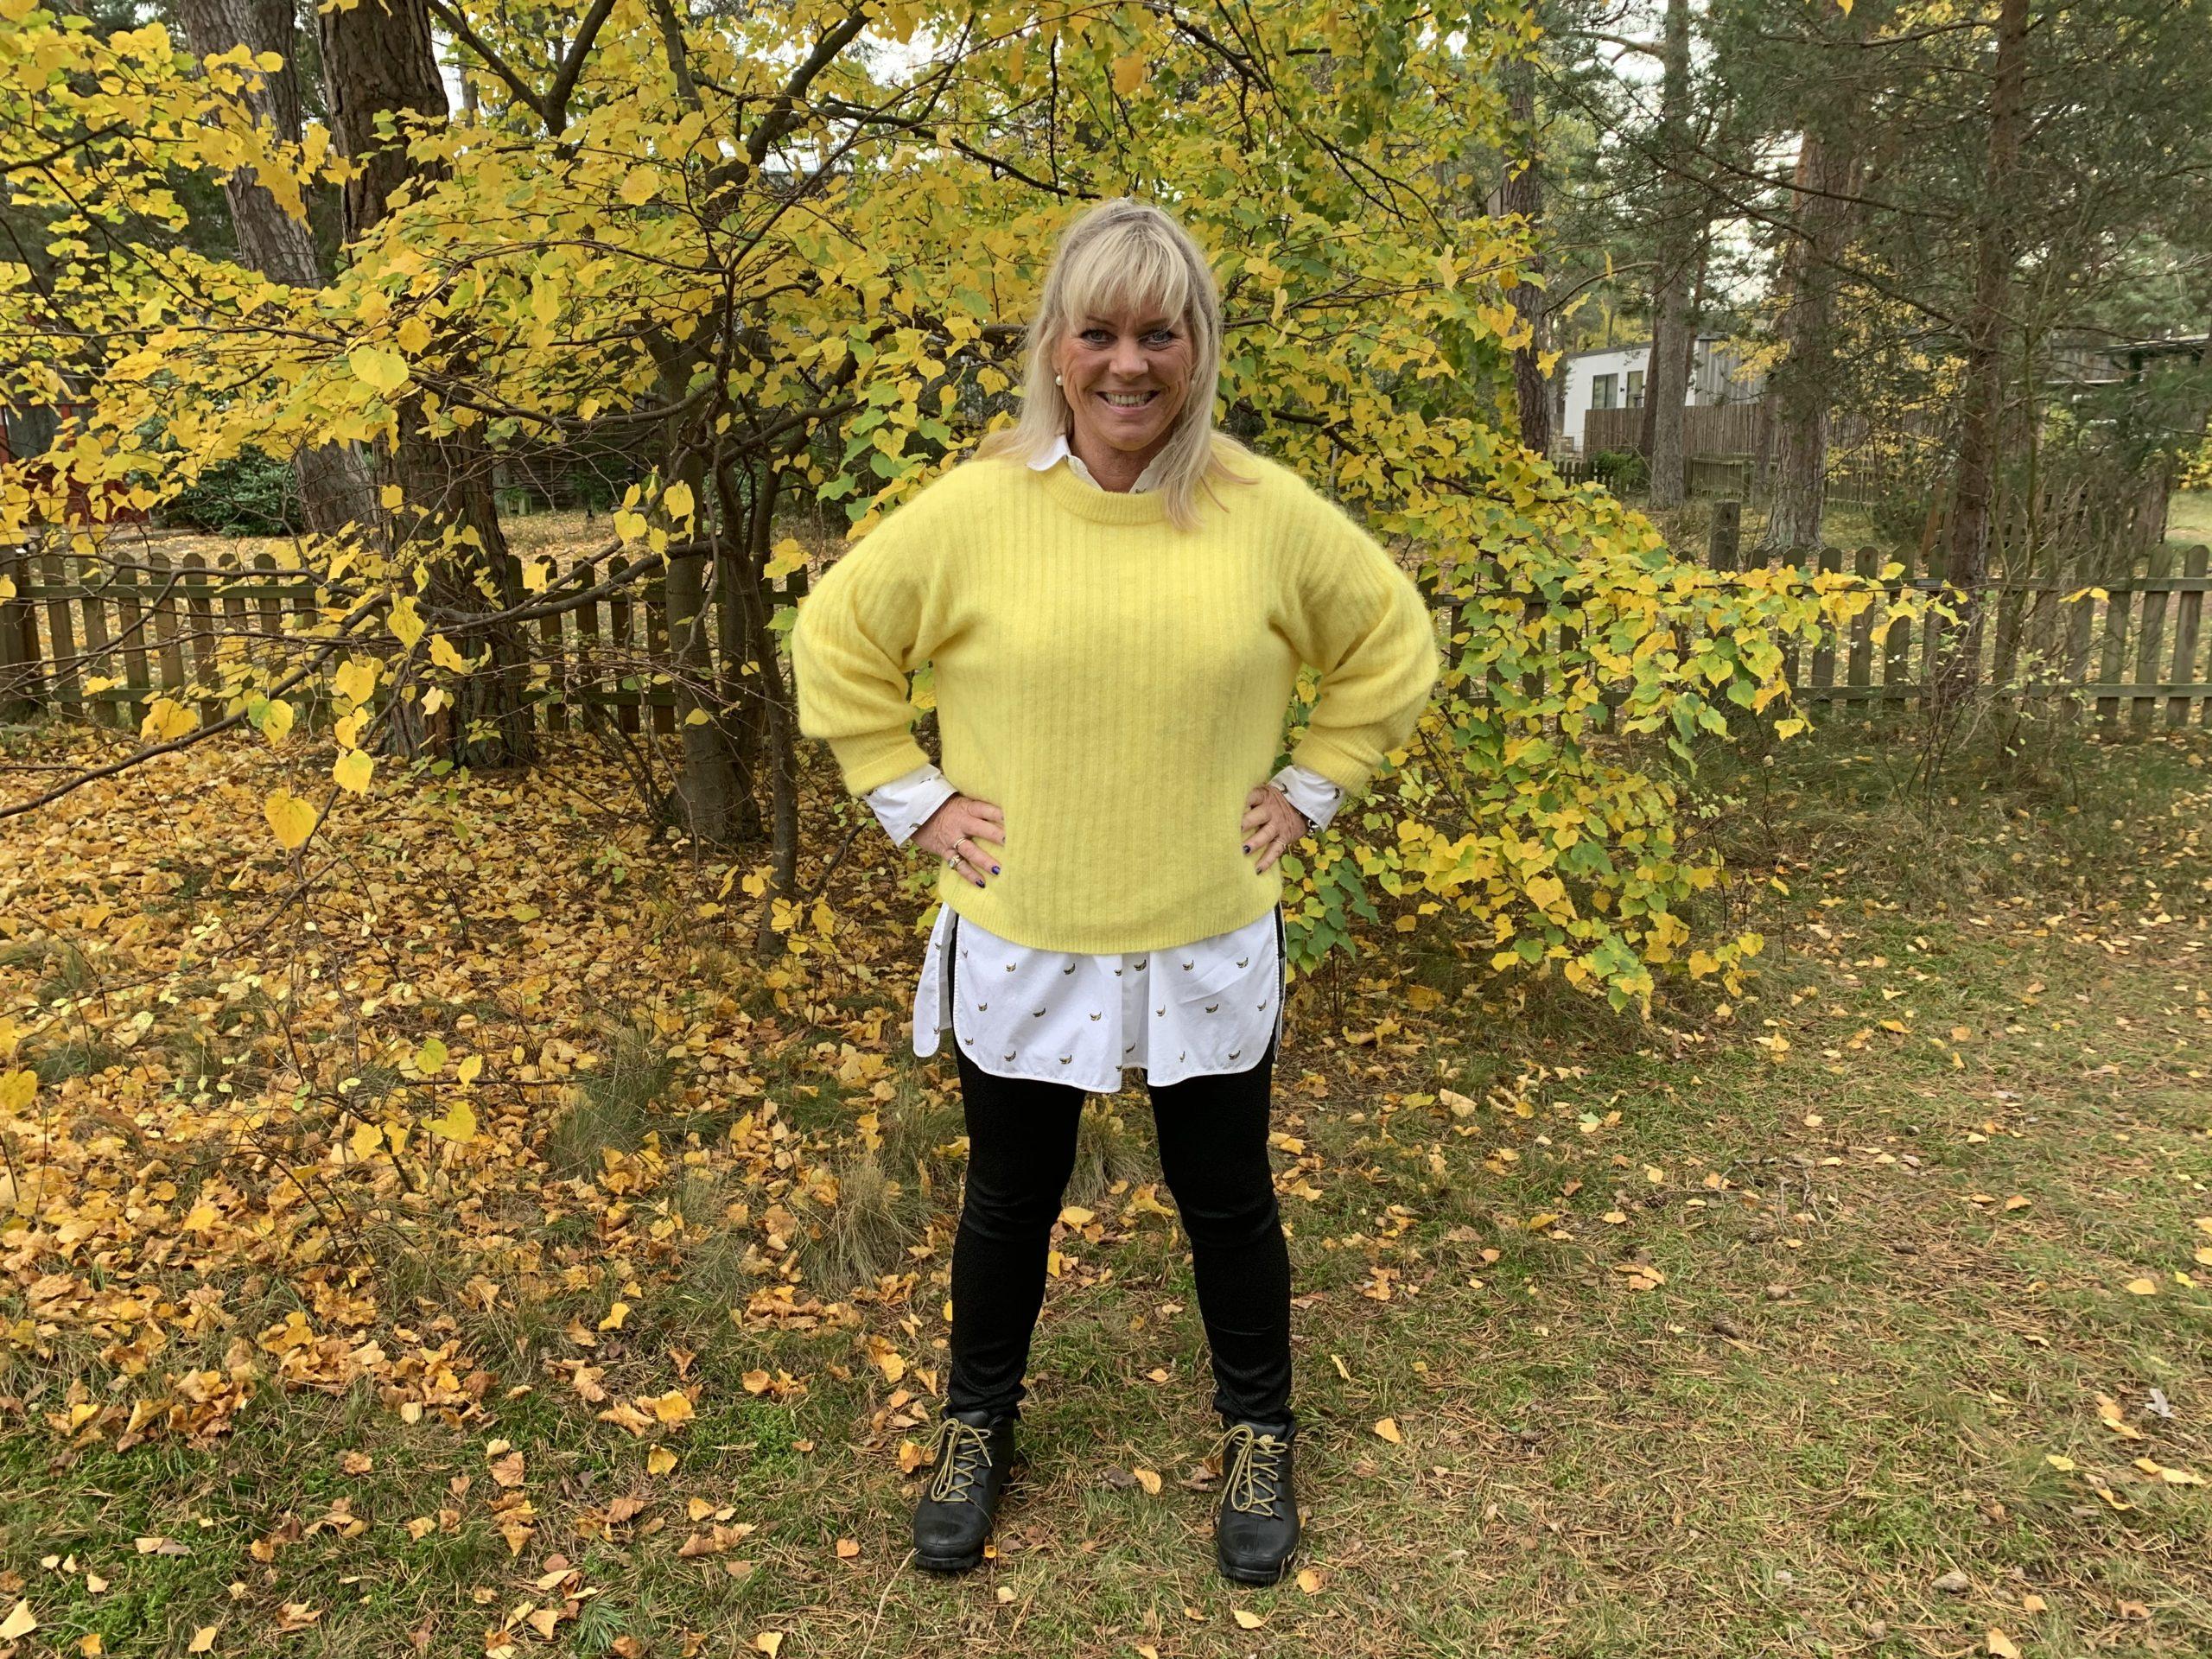 Gul outfit mot de gulnade löven